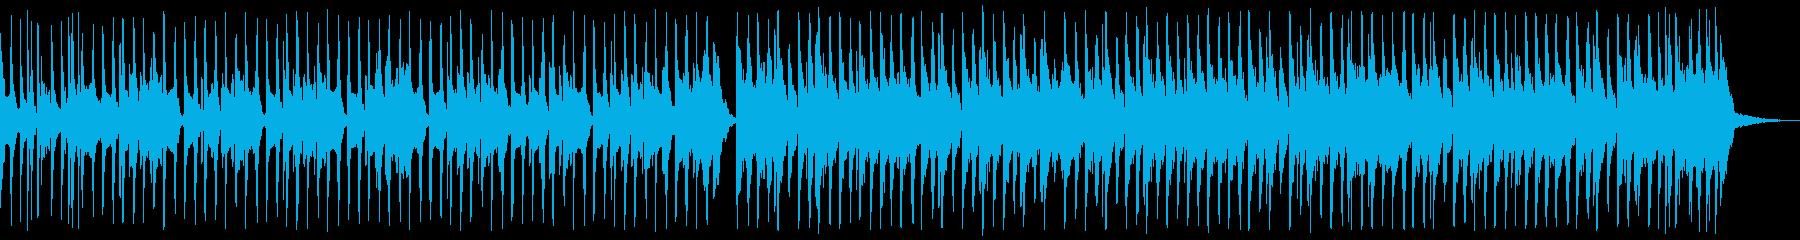 おしゃれなエレクトロスウィング01aの再生済みの波形